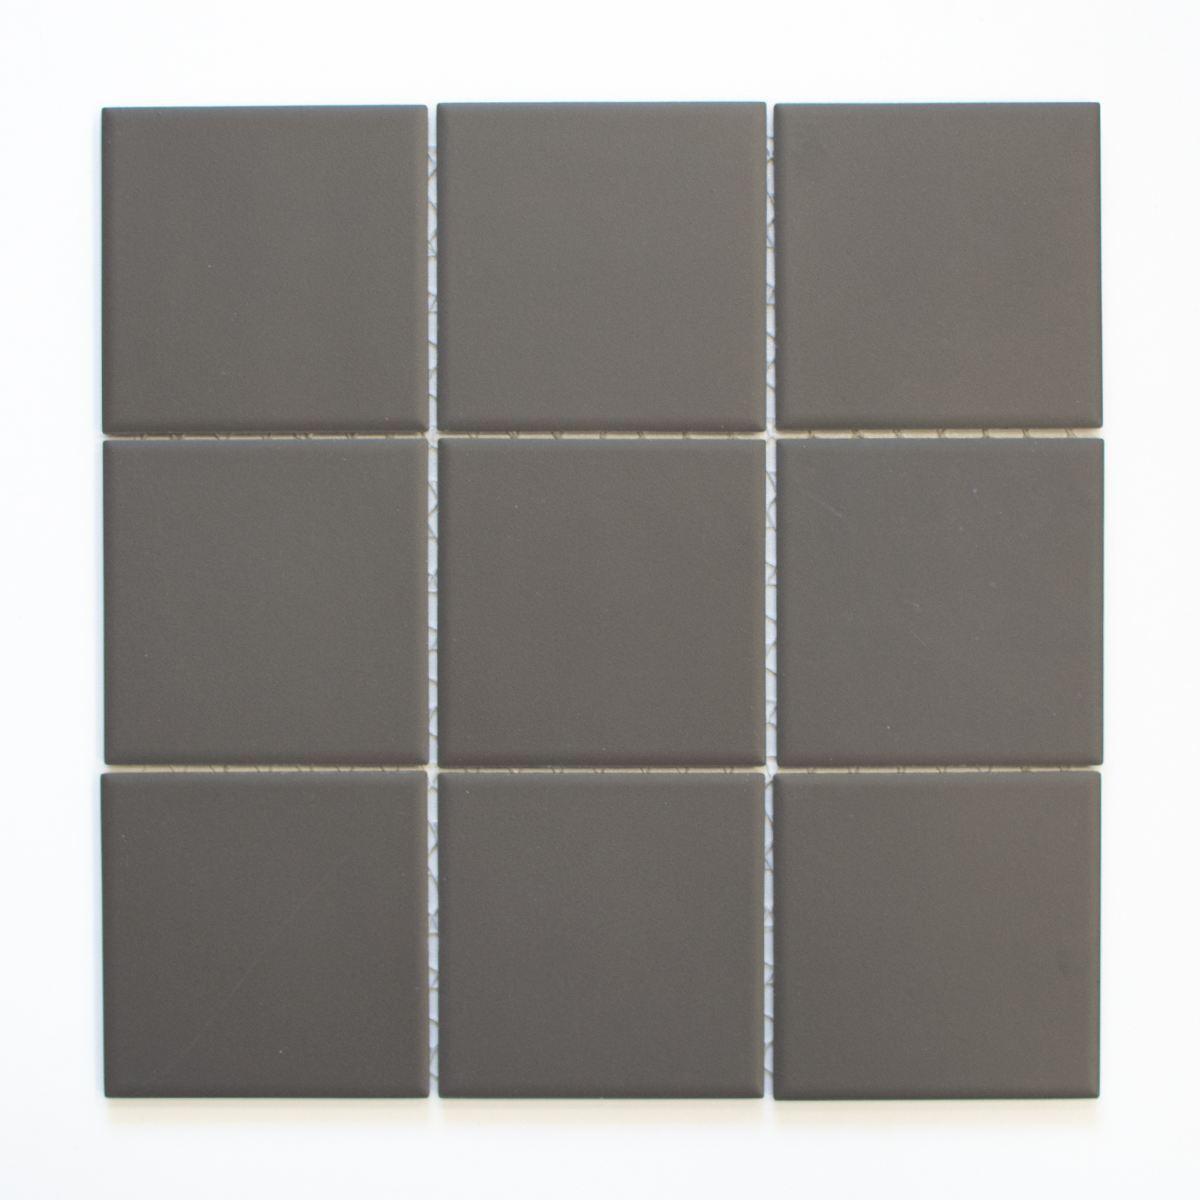 Mosaik Fliese Keramik braun unglasiert Wand Dusche WC | 14-CU952_f |10 Matten